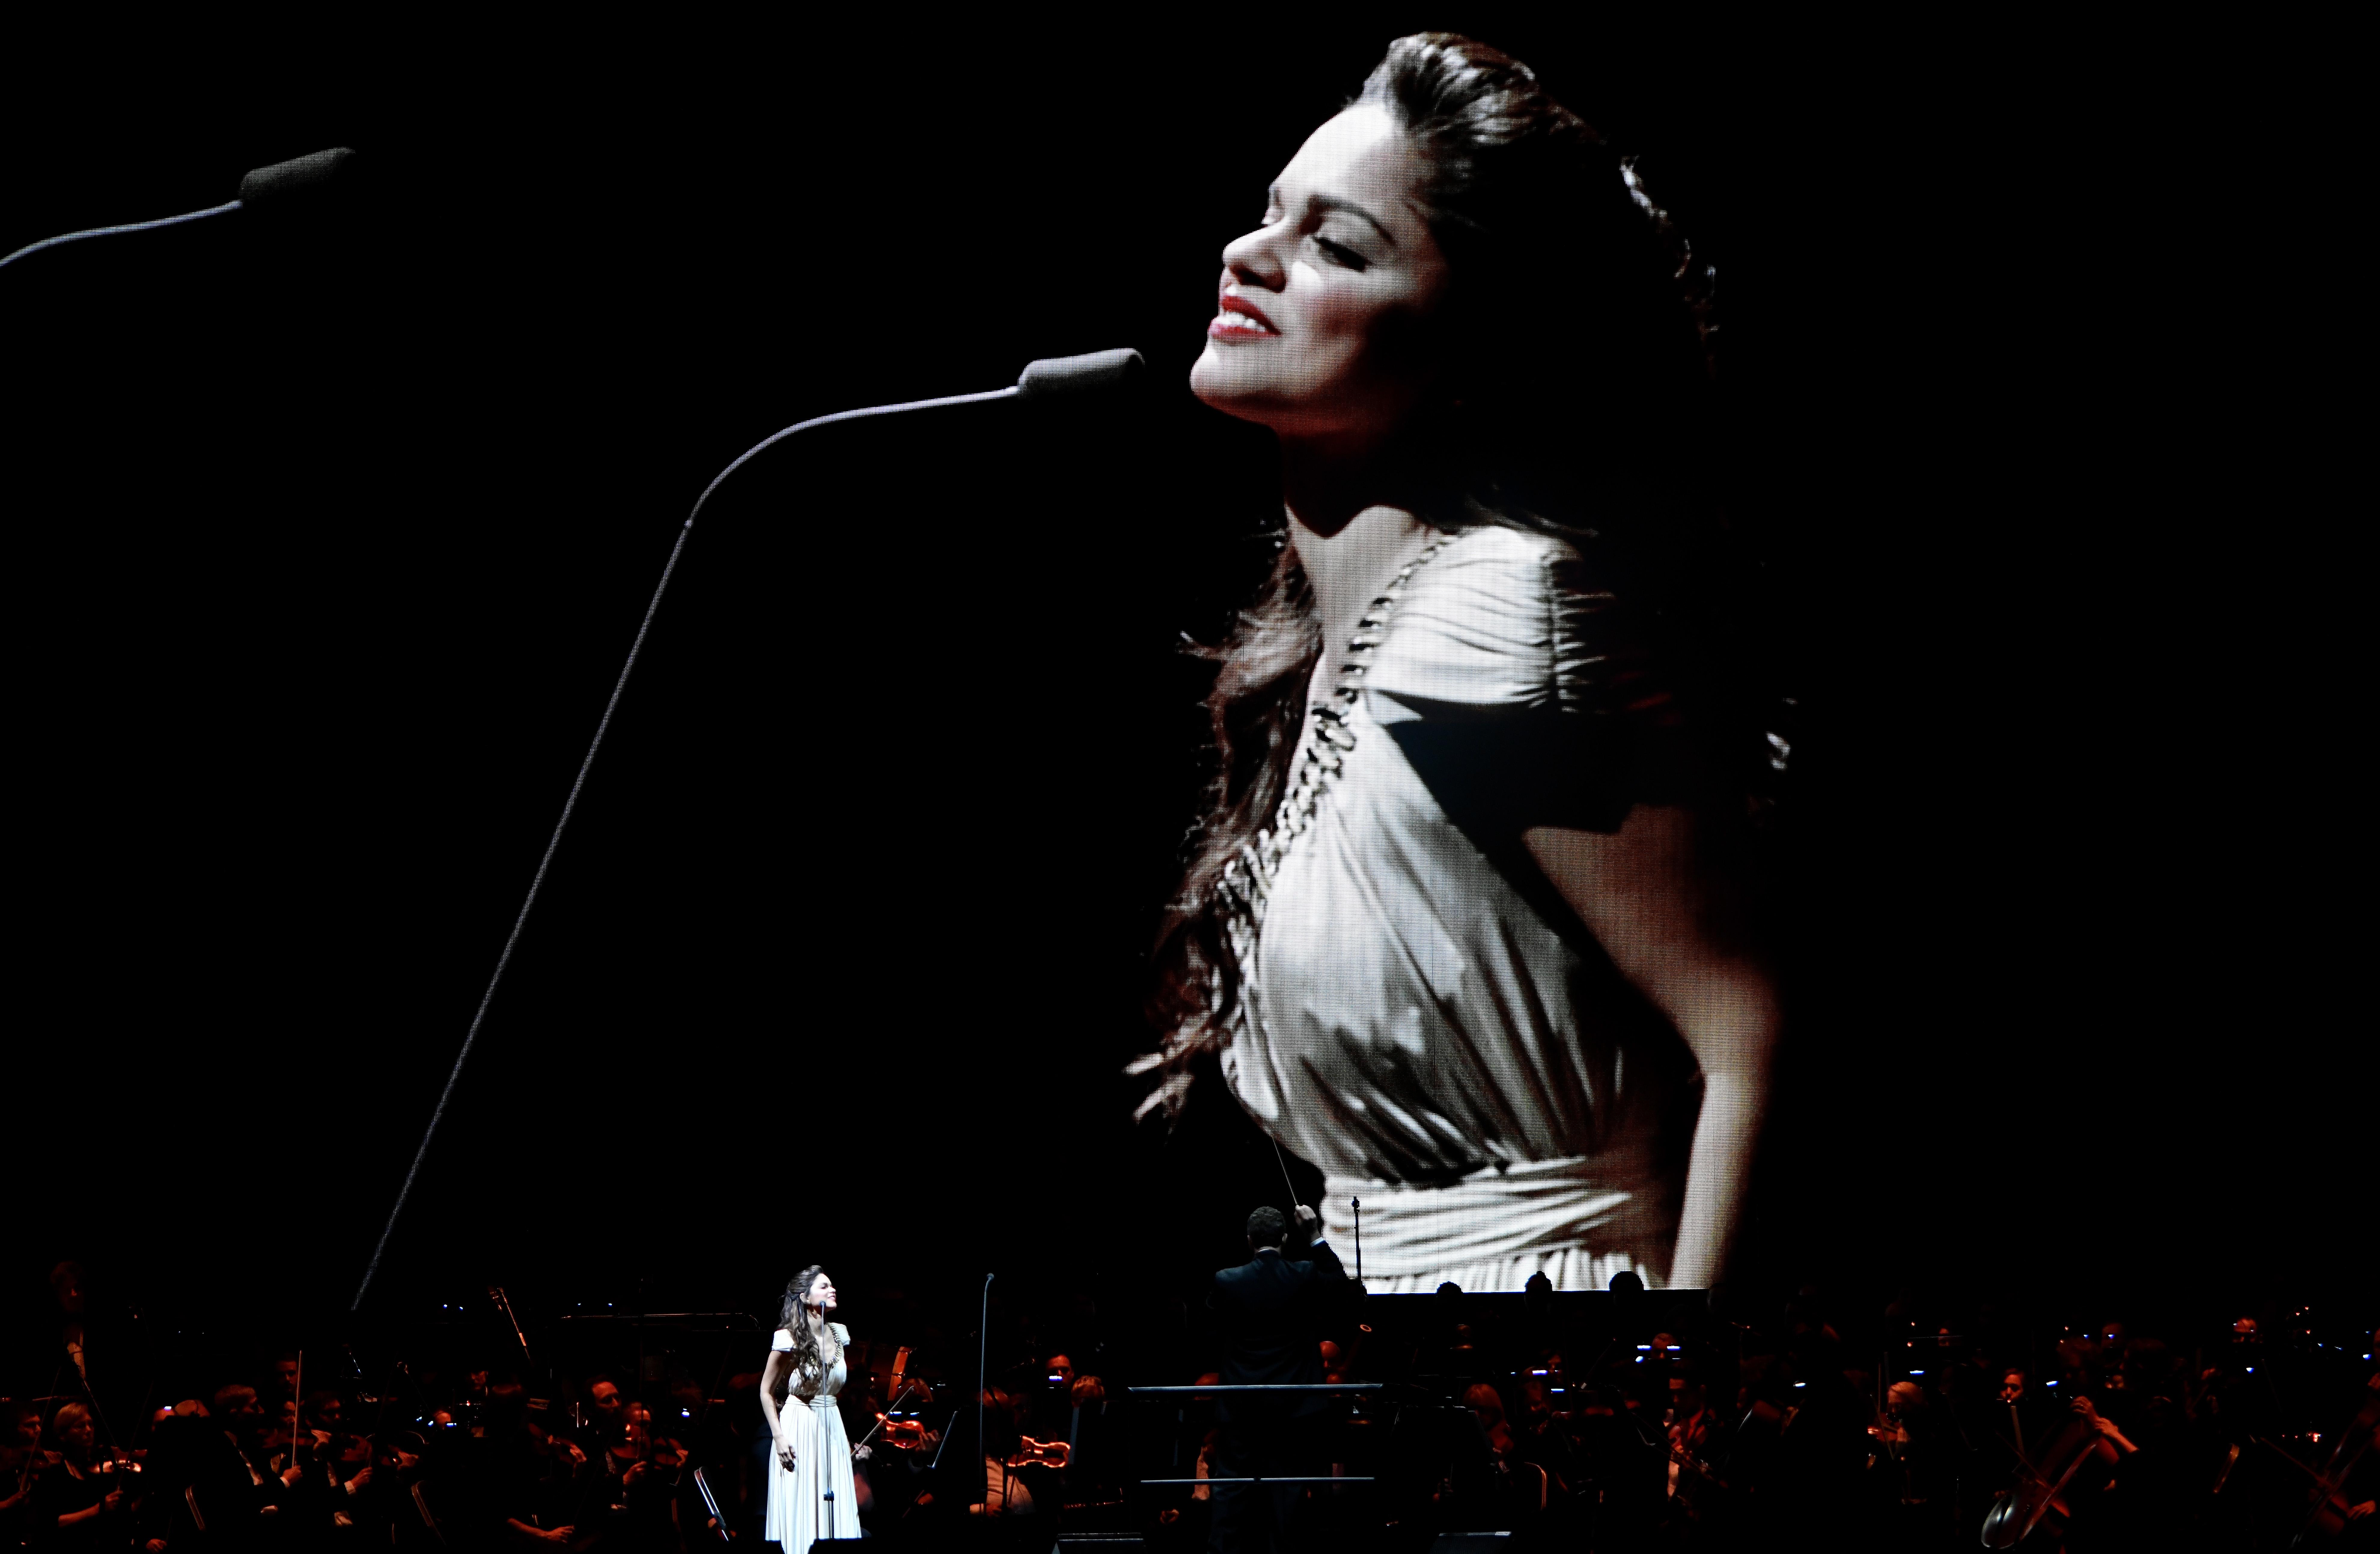 Andrea_Bocelli_Concert_20180616_BM_0084.